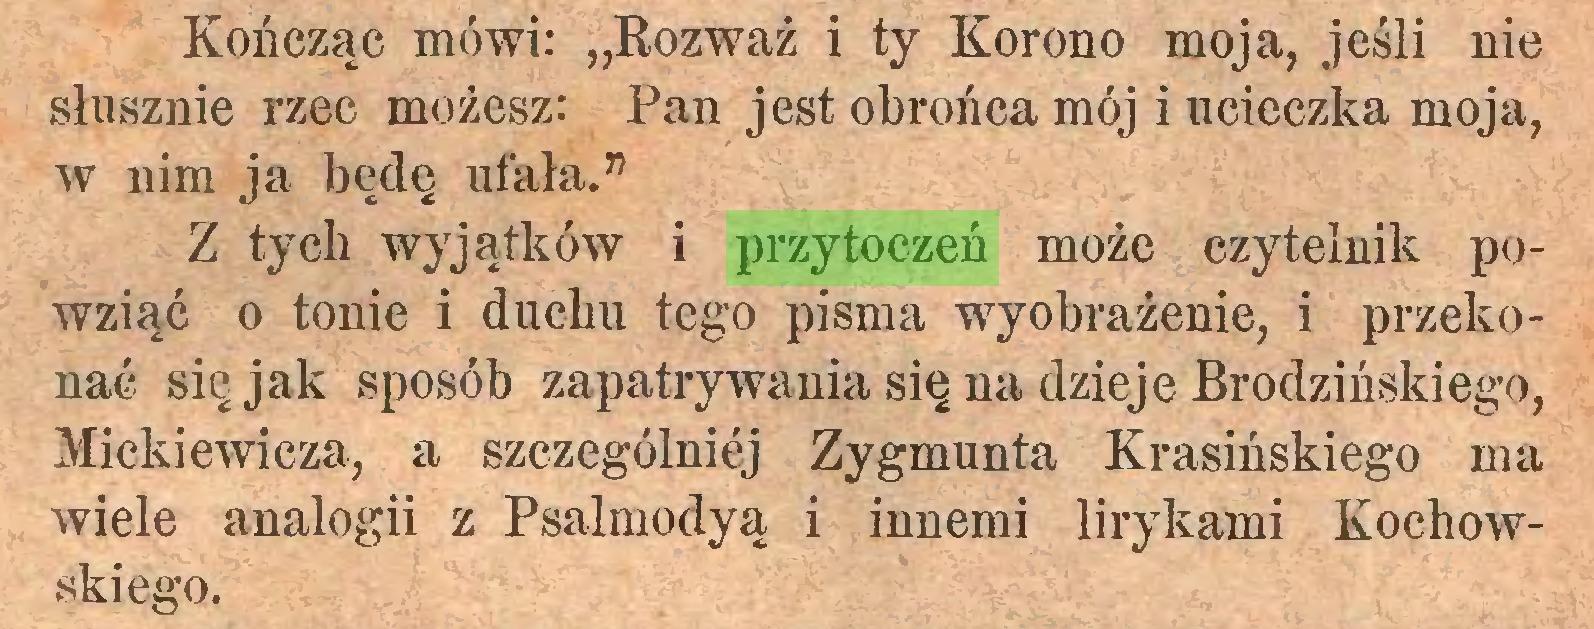 """(...) Kończąc mówi: """"Rozważ i ty Korono moja, jeśli nie słusznie rzec możesz: Pan jest obrońca mój i ucieczka moja, w nim ja będę ufała."""" Z tych wyjątków i przytoczeń może czytelnik powziąć o tonie i duchu tego pisma wyobrażenie, i przekonać się jak sposób zapatrywania się na dzieje Brodzińskiego, Mickiewicza, a szczególniej Zygmunta Krasińskiego ma wiele analogii z Psalmodyą i innemi lirykami Kochowskiego..."""